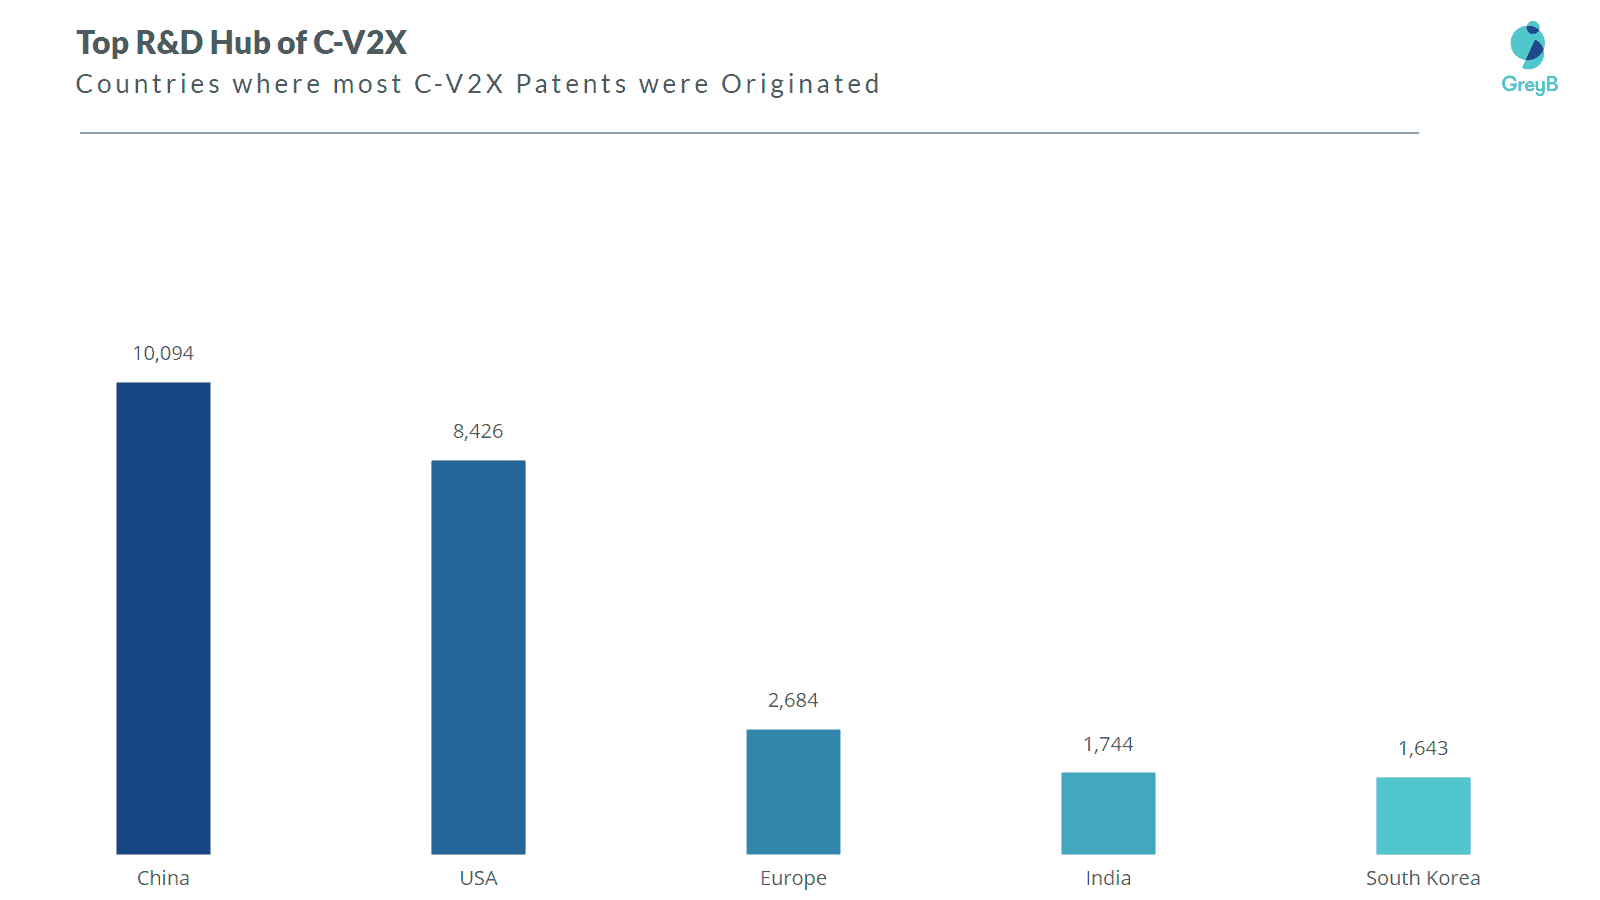 Top R&D hubs of C-V2X